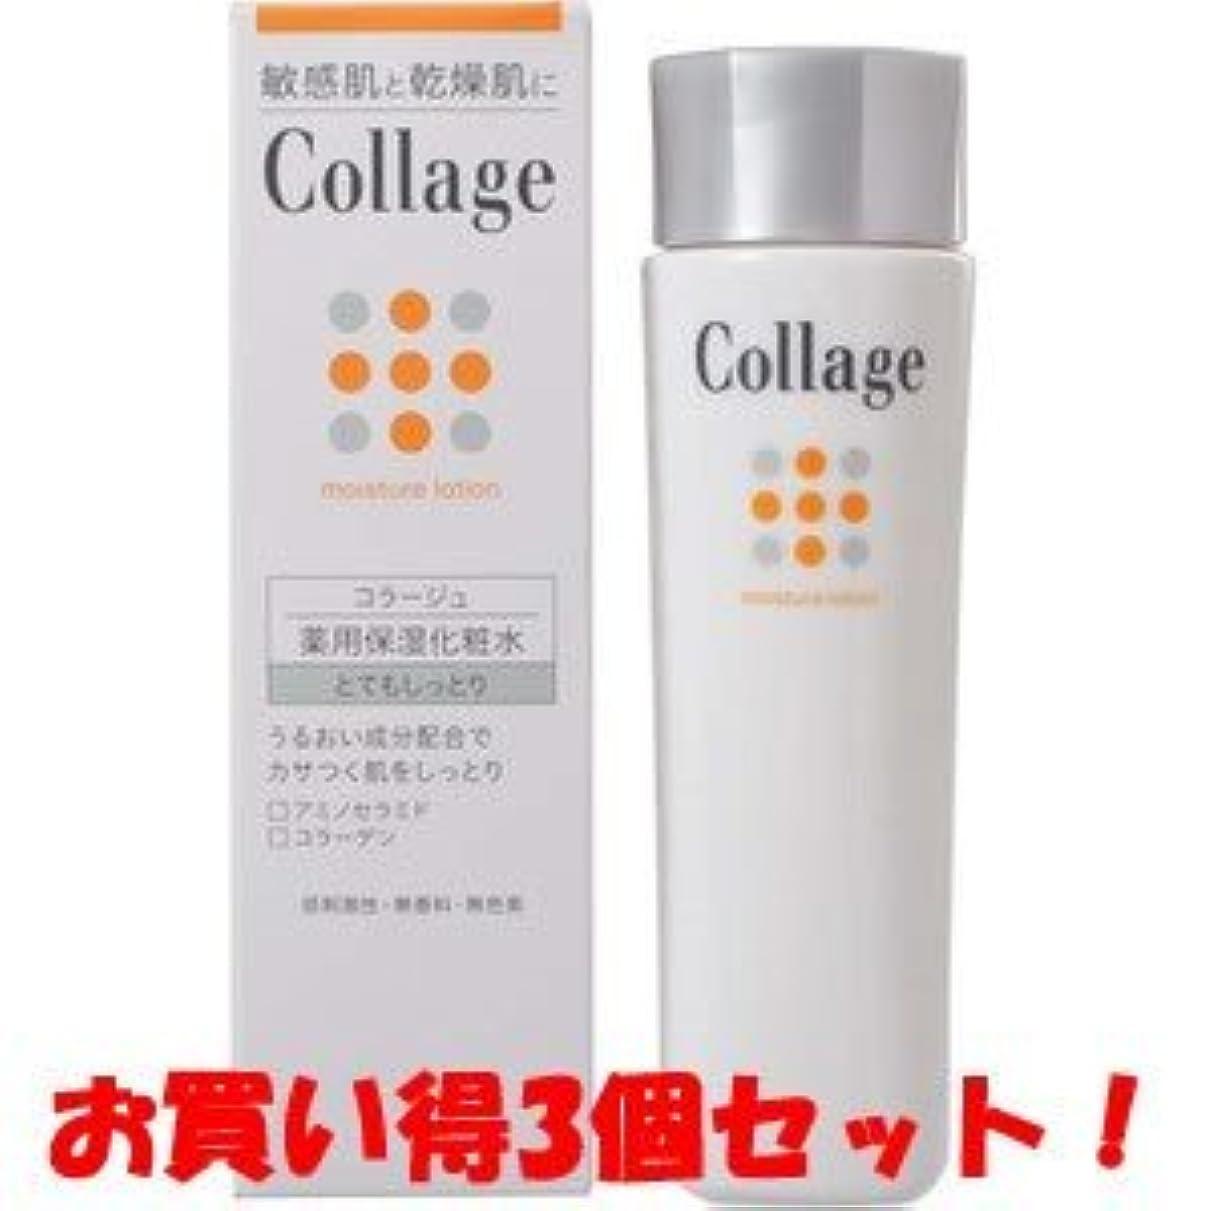 プログレッシブ通行料金季節(持田ヘルスケア)コラージュ 薬用保湿化粧水 とてもしっとり 120ml(医薬部外品)(お買い得3個セット)